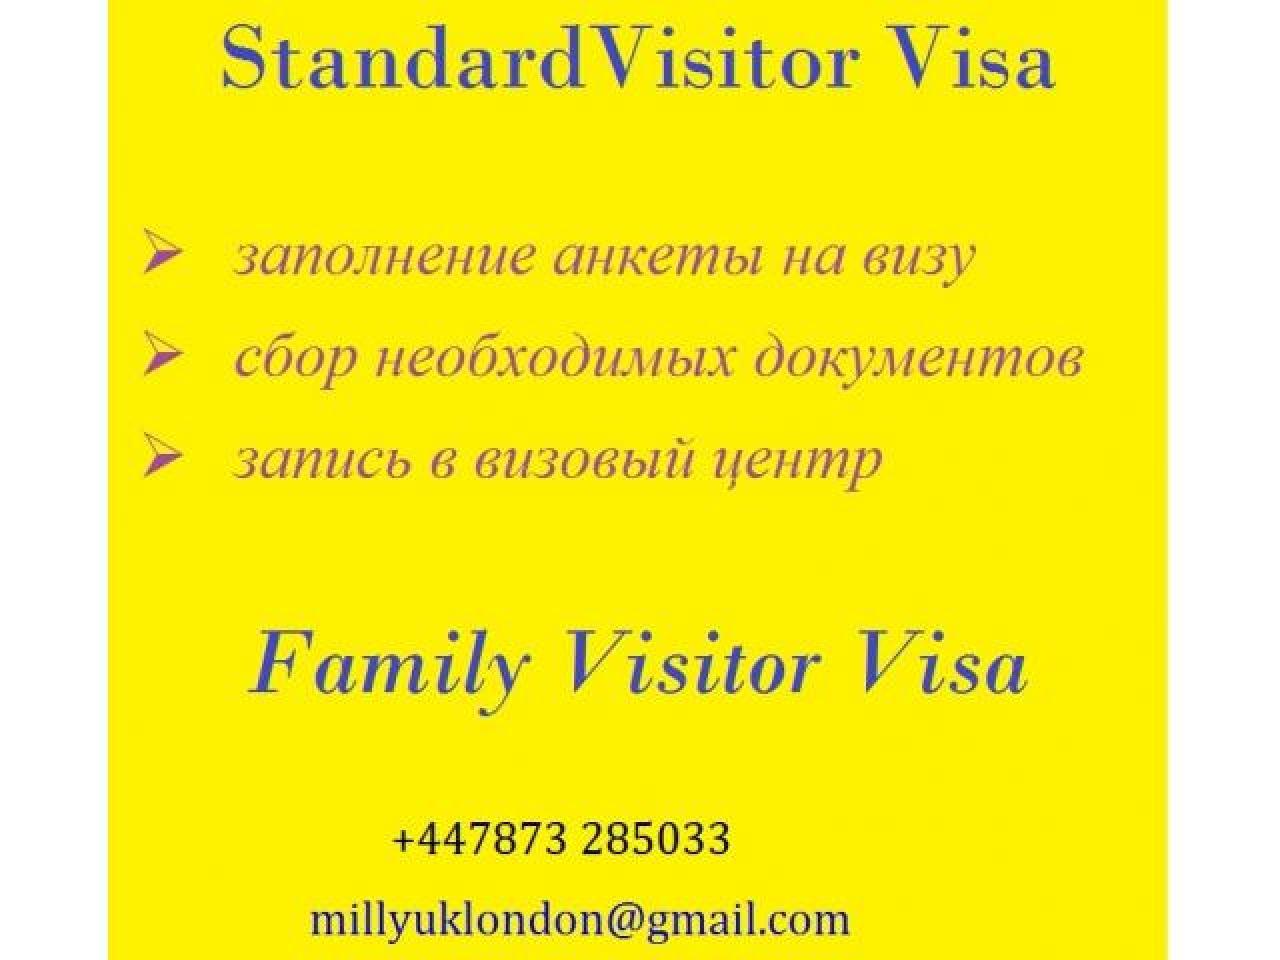 Помогу подать на гостевую и турестическую визу в Англию - 1